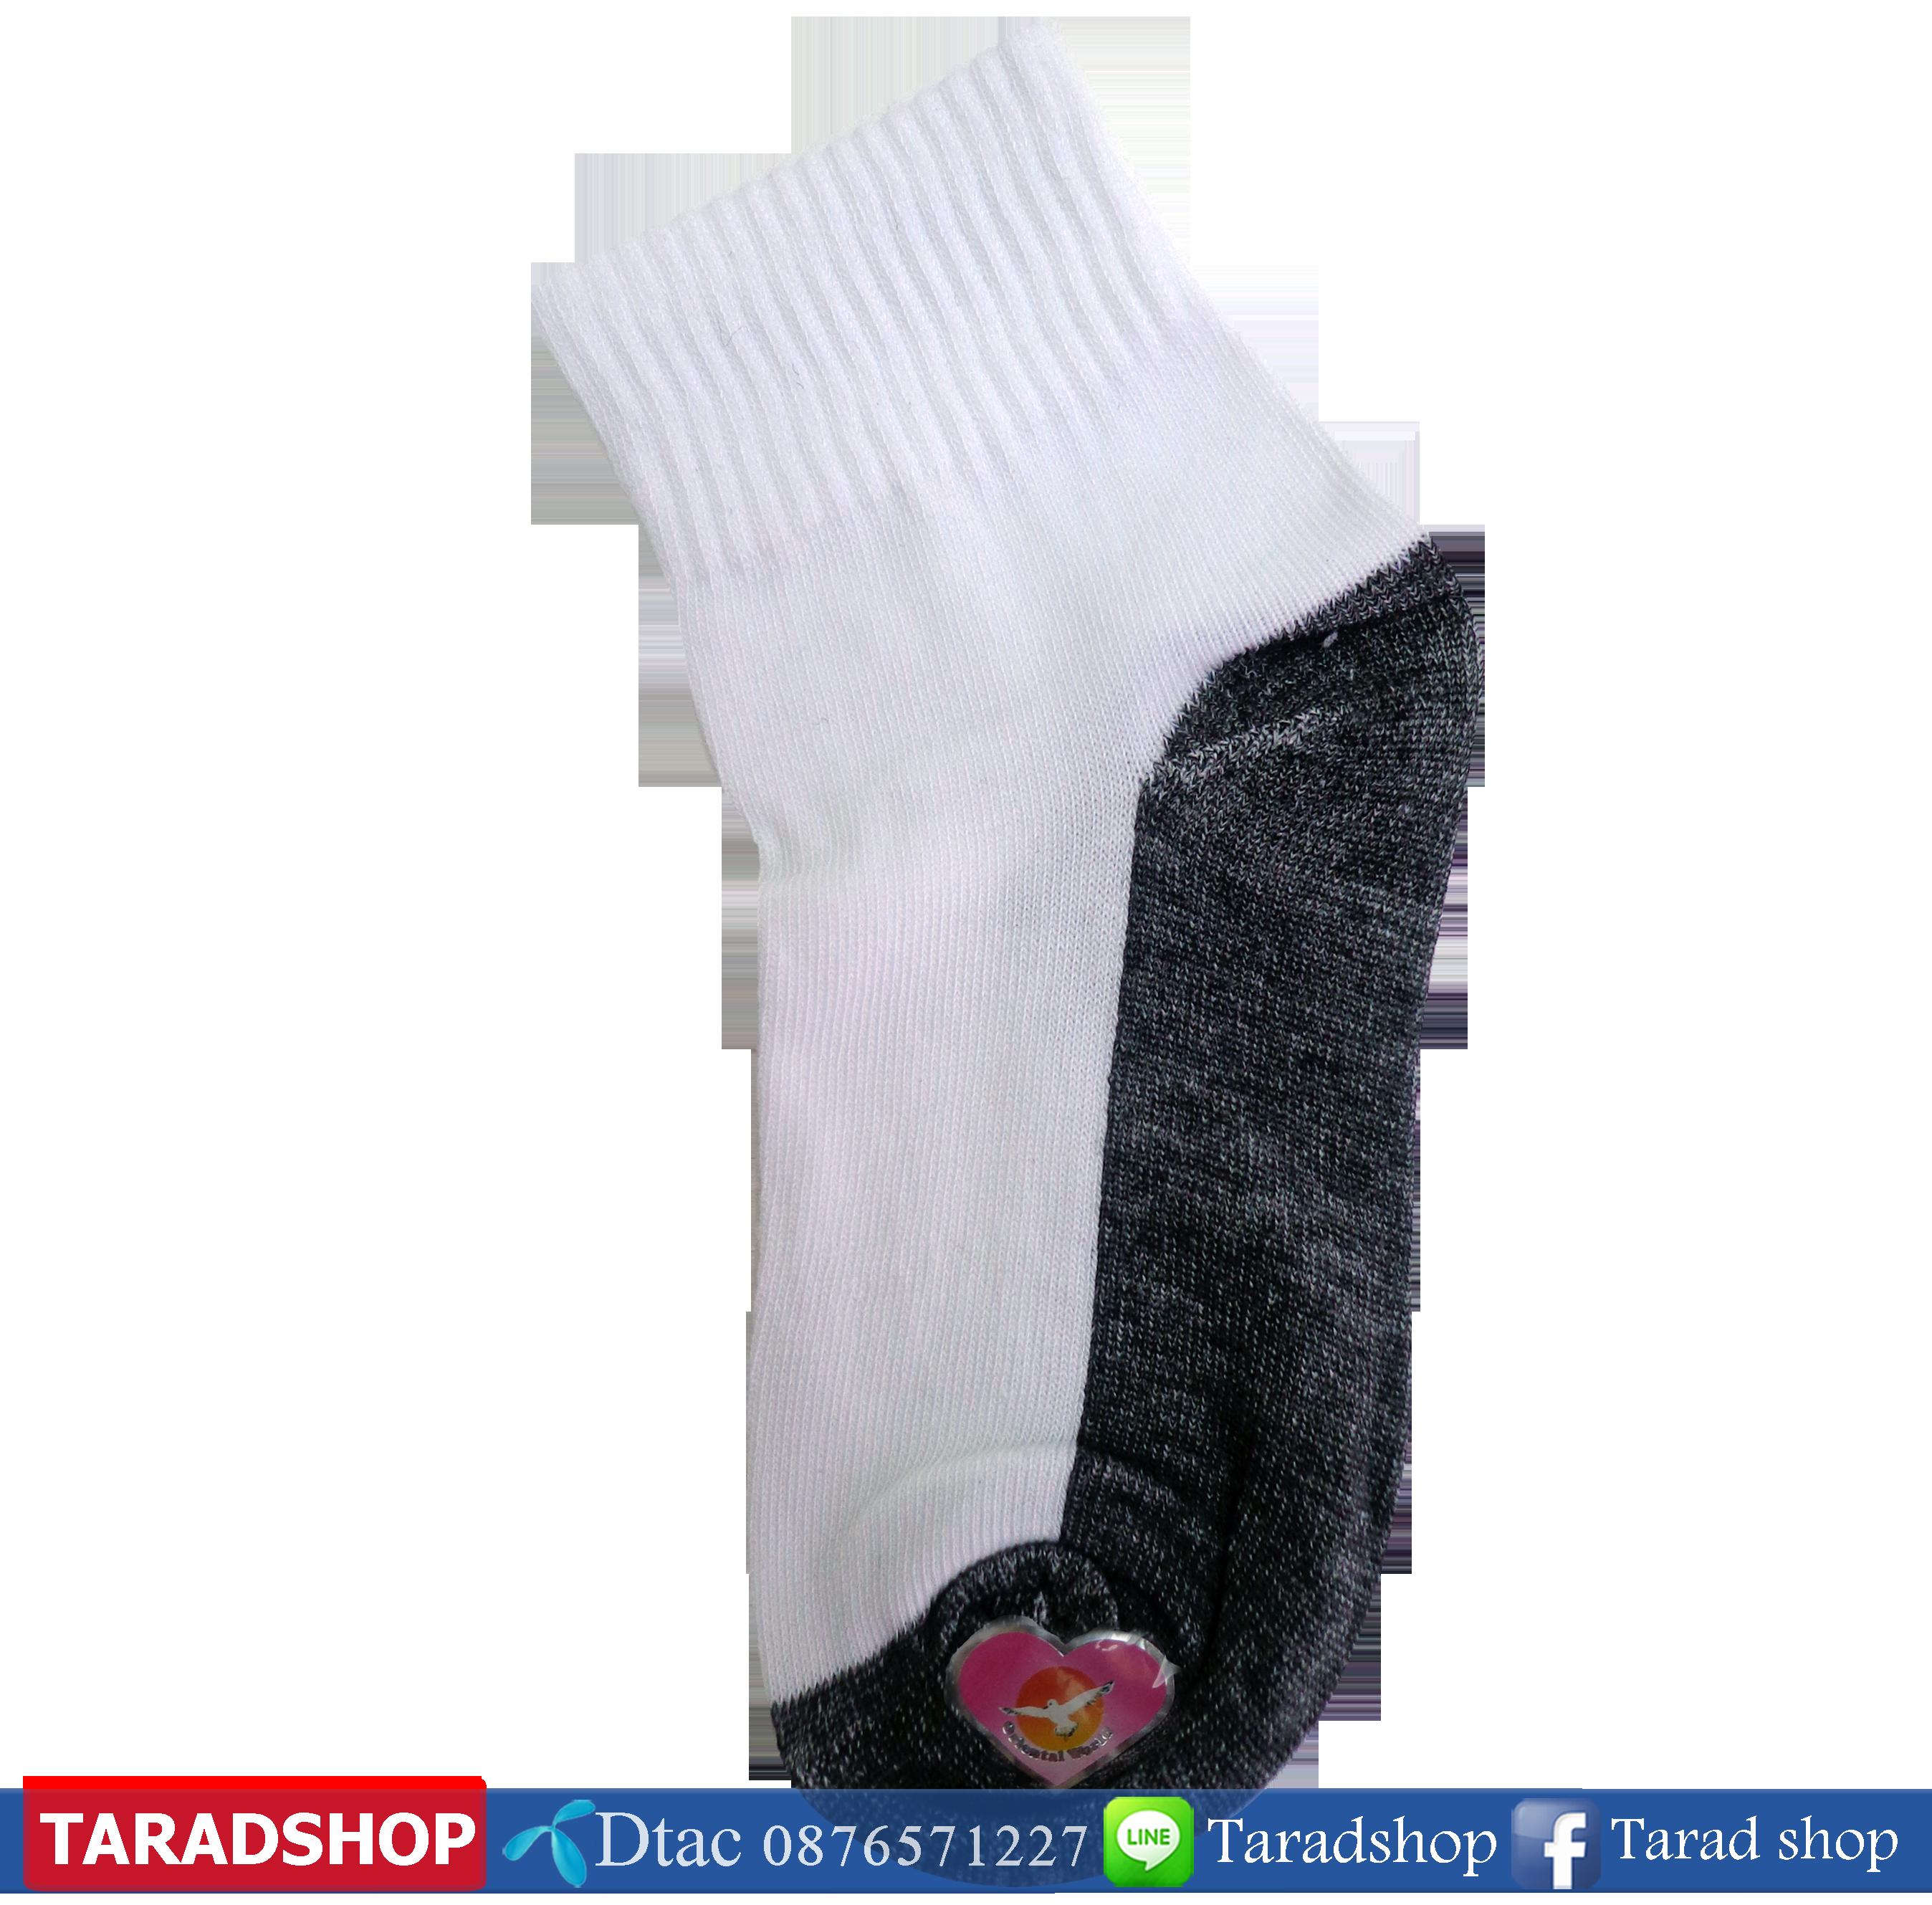 ถุงเท้าแฟชั่น ตรานก ( ชนิดแพ็ค)